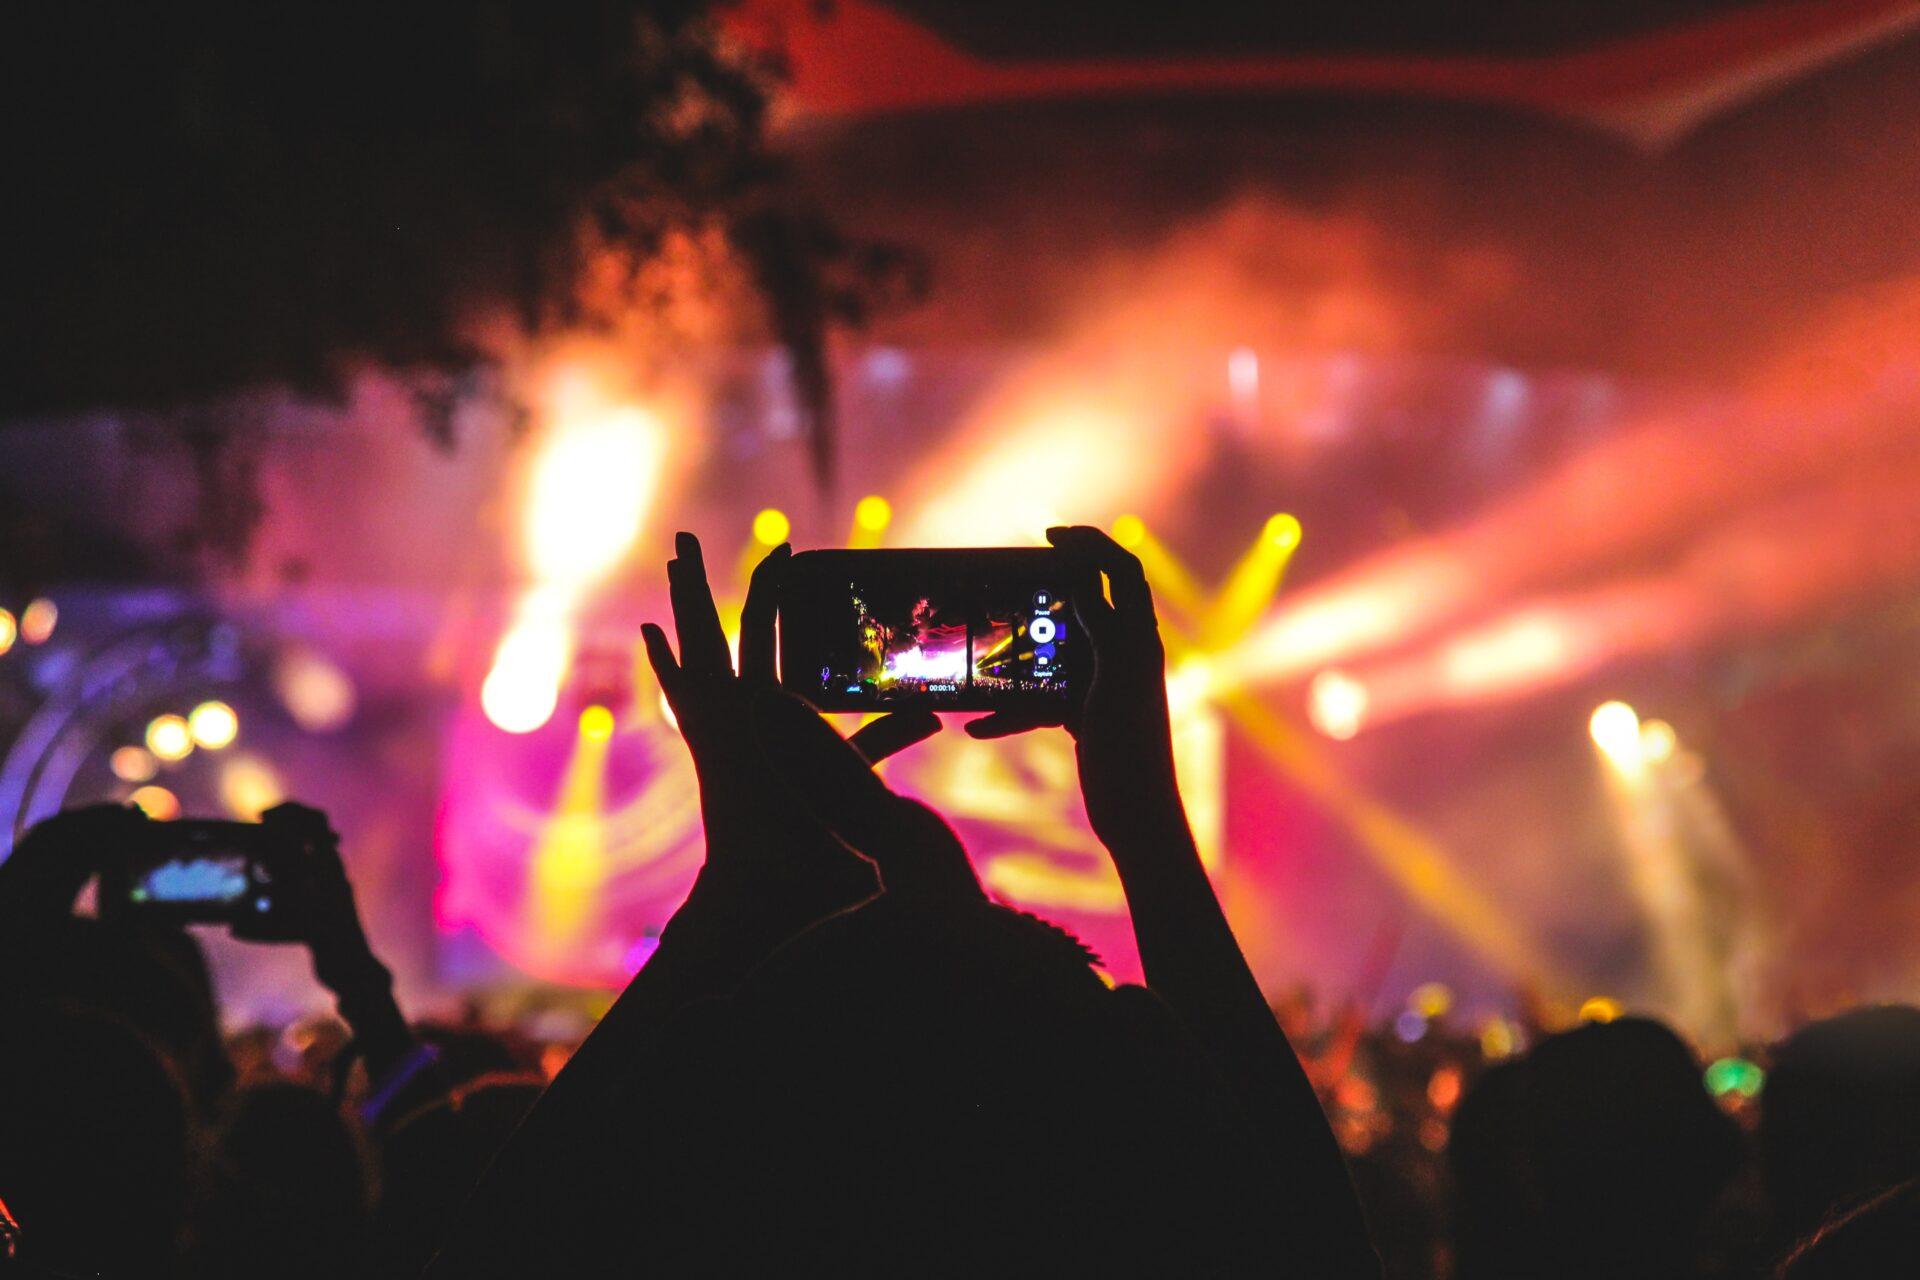 music-festival-phone-gig-lights